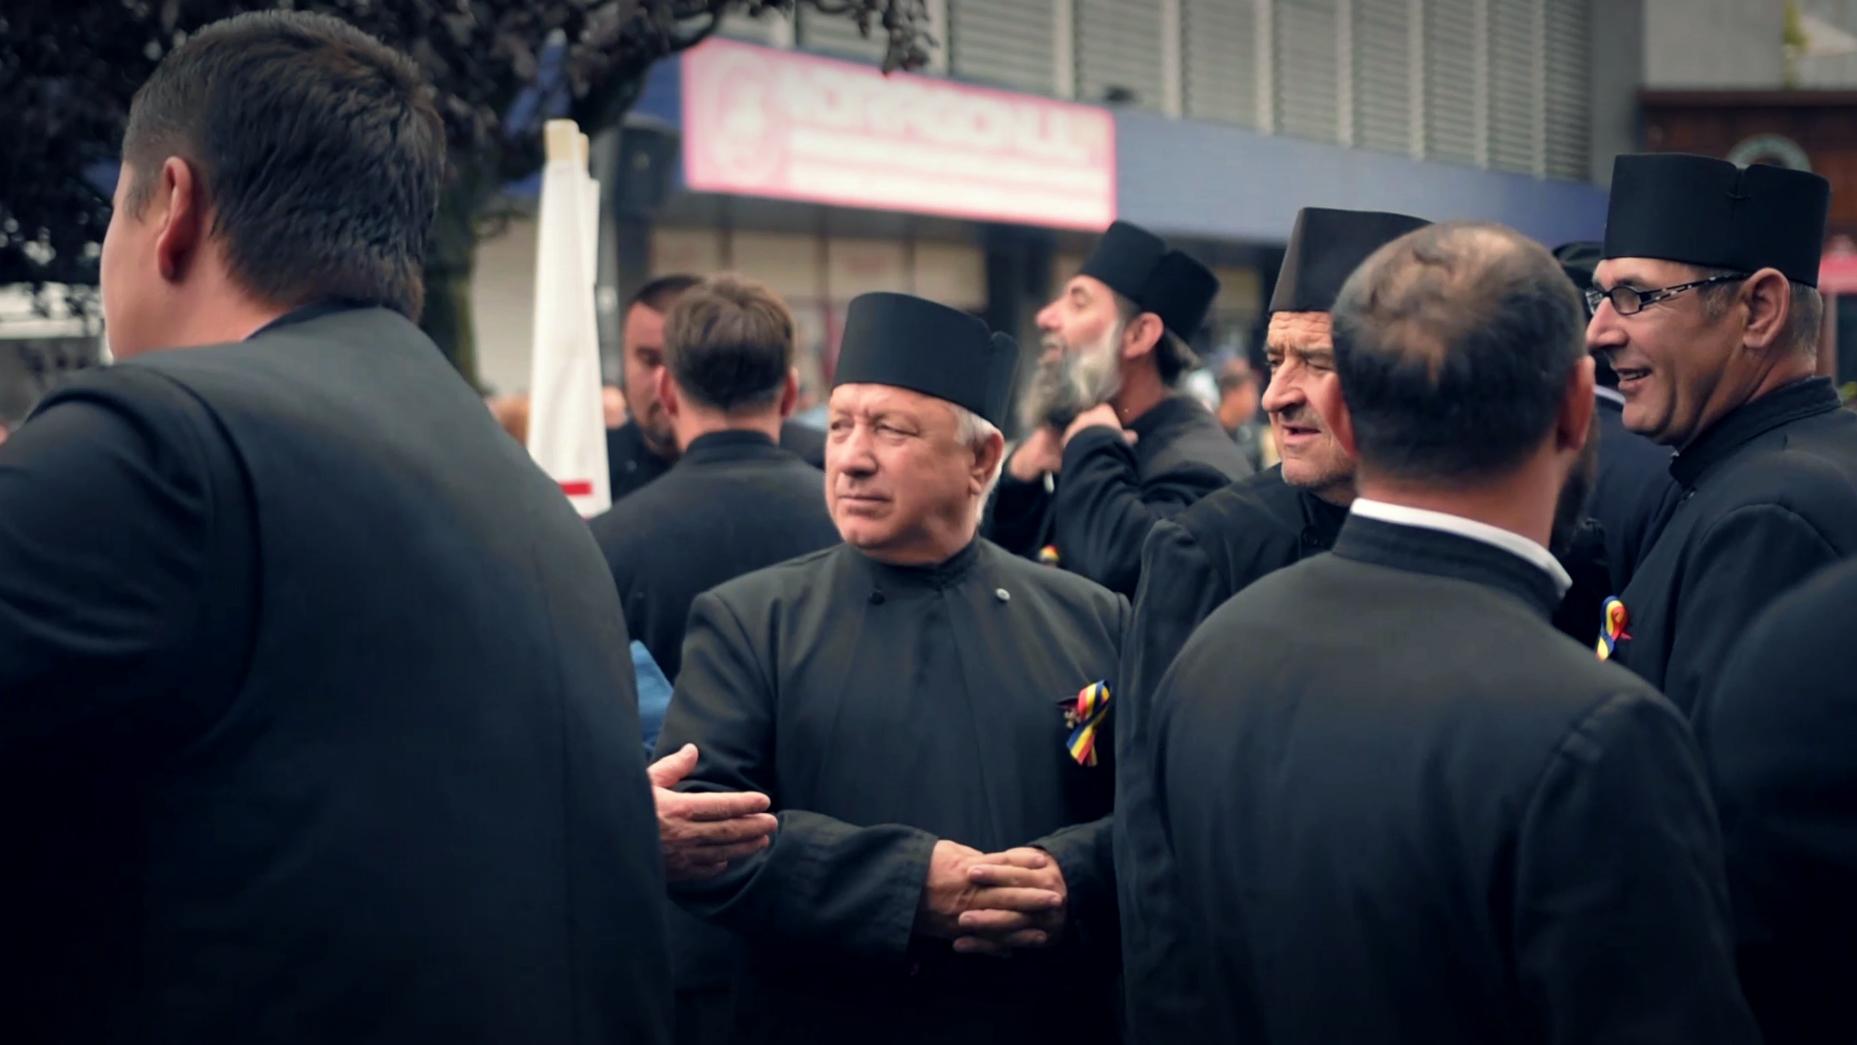 Aproximativ 100 de preoți au defilat, duminică, pe străzile municipiului Slatina, într-o manifestație care s-a dorit a fi un imbold pentru mobilizarea oamenilor la referendumul din week-end.